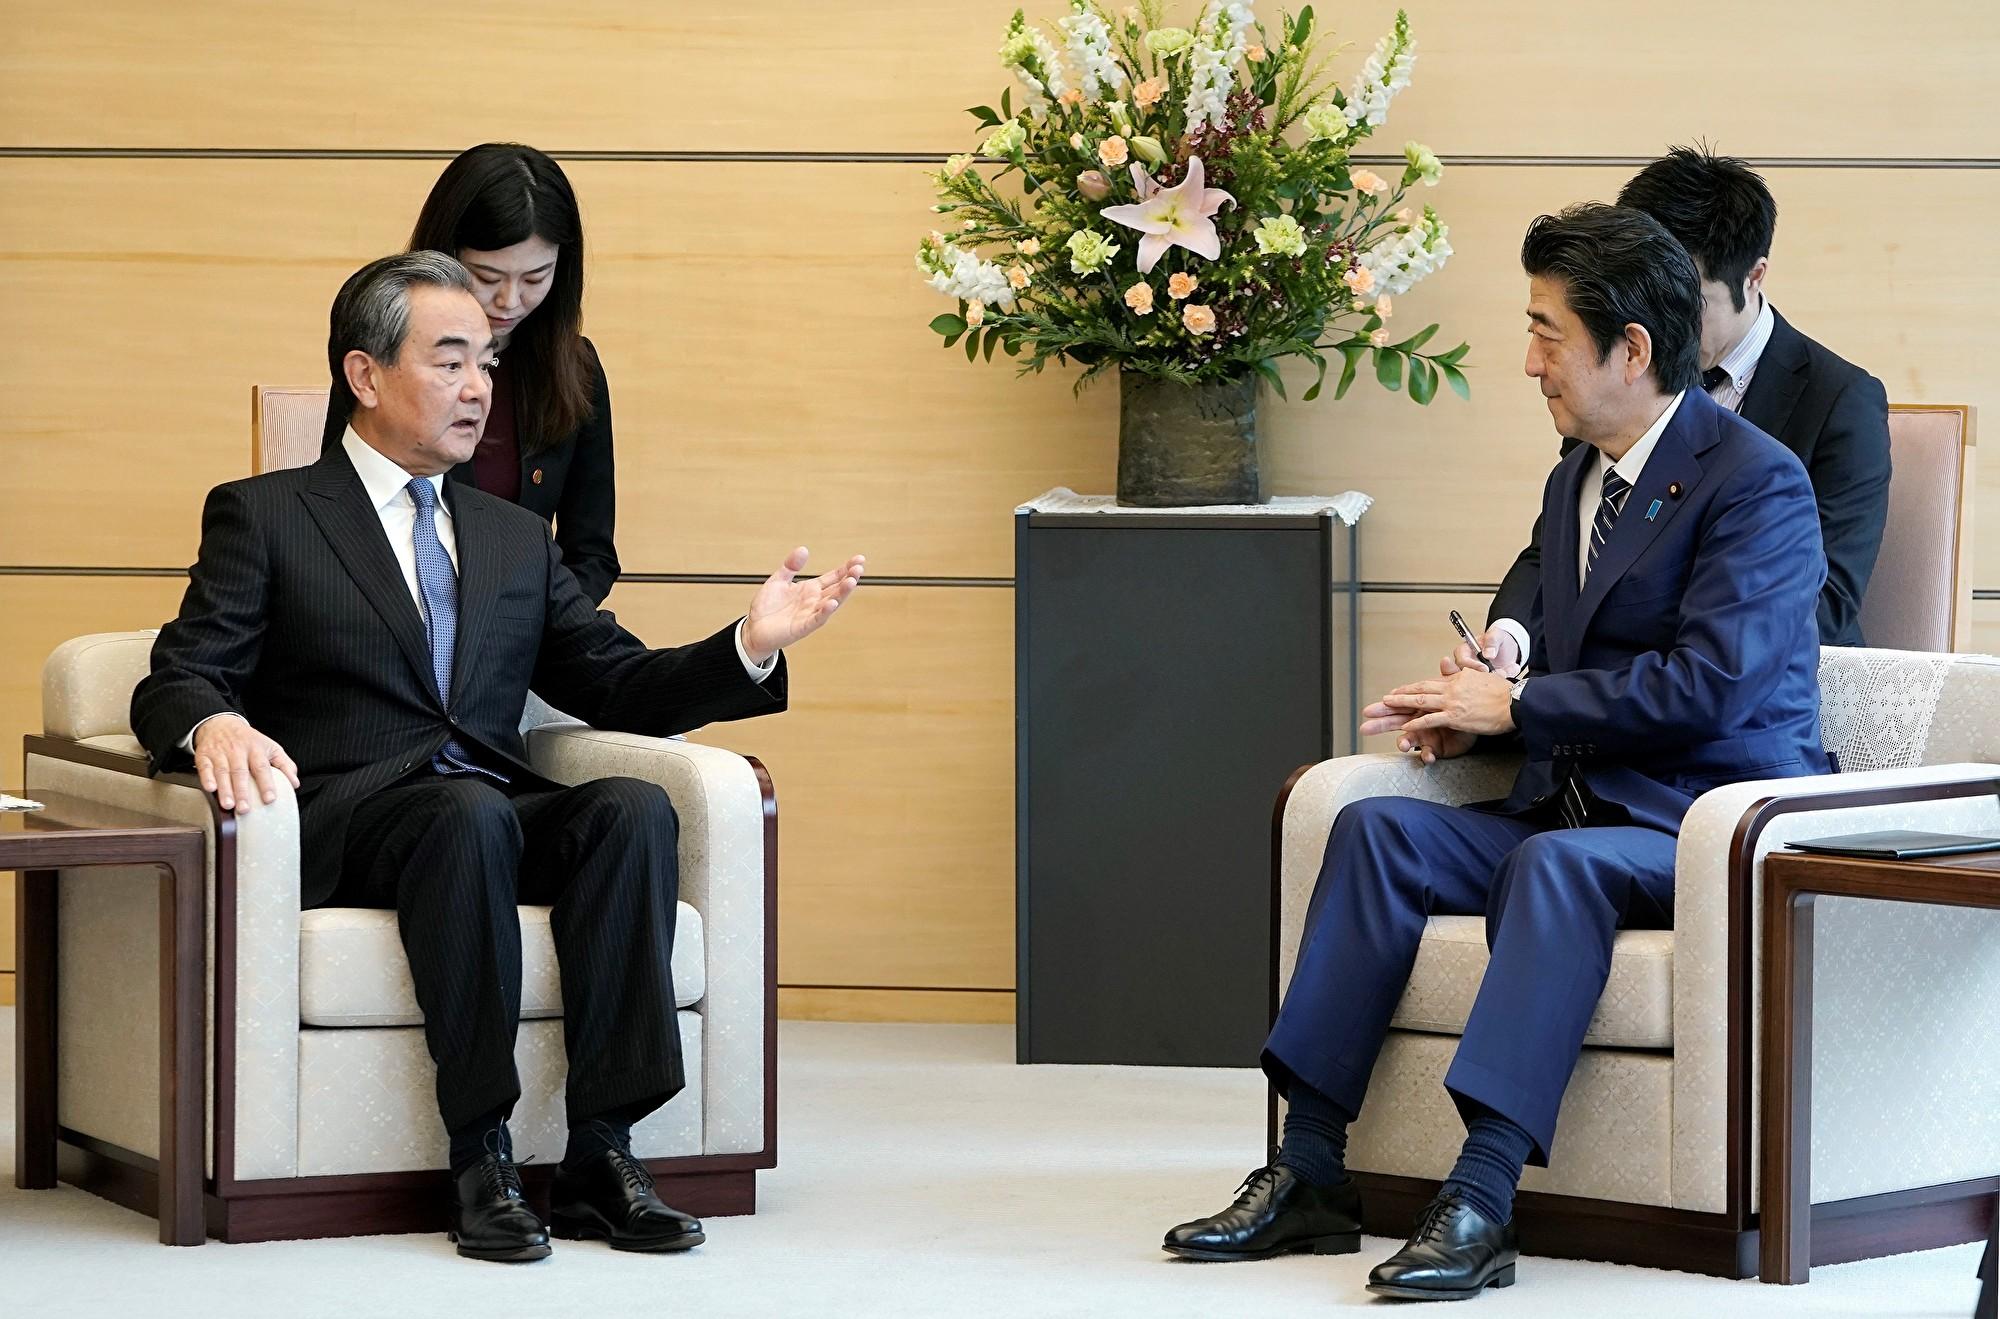 日本首相安倍晉三在與中共外交部長王毅會面期間,督促中方保持香港的自由開放。(Kimimasa MAYAMA/POOL/AFP)